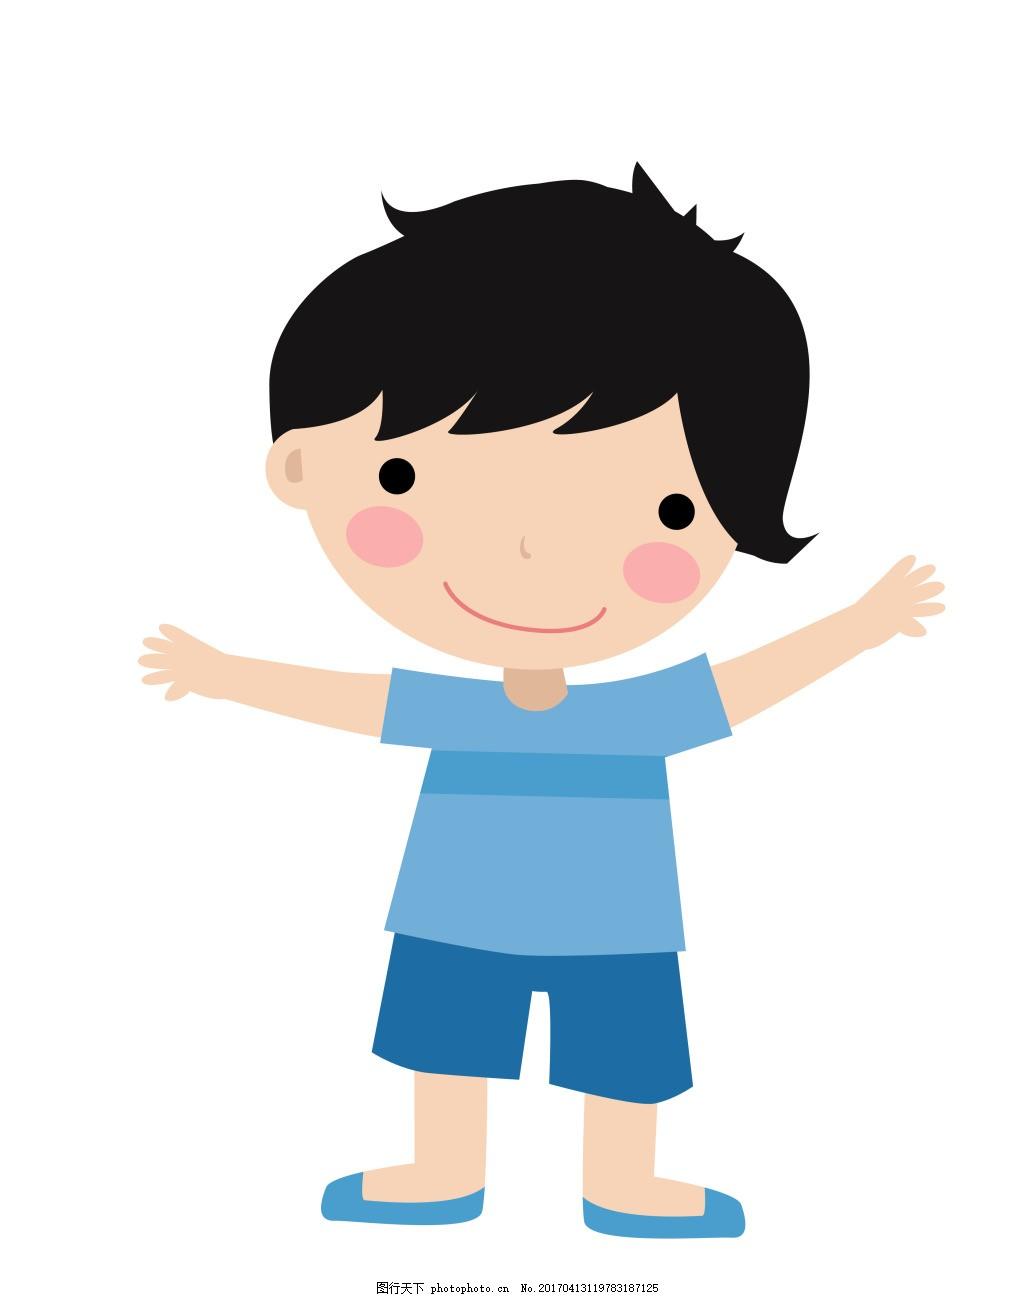 矢量图 卡通 可爱 人物 小孩 儿童 小朋友 体育 运动 玩耍 玩球 eps